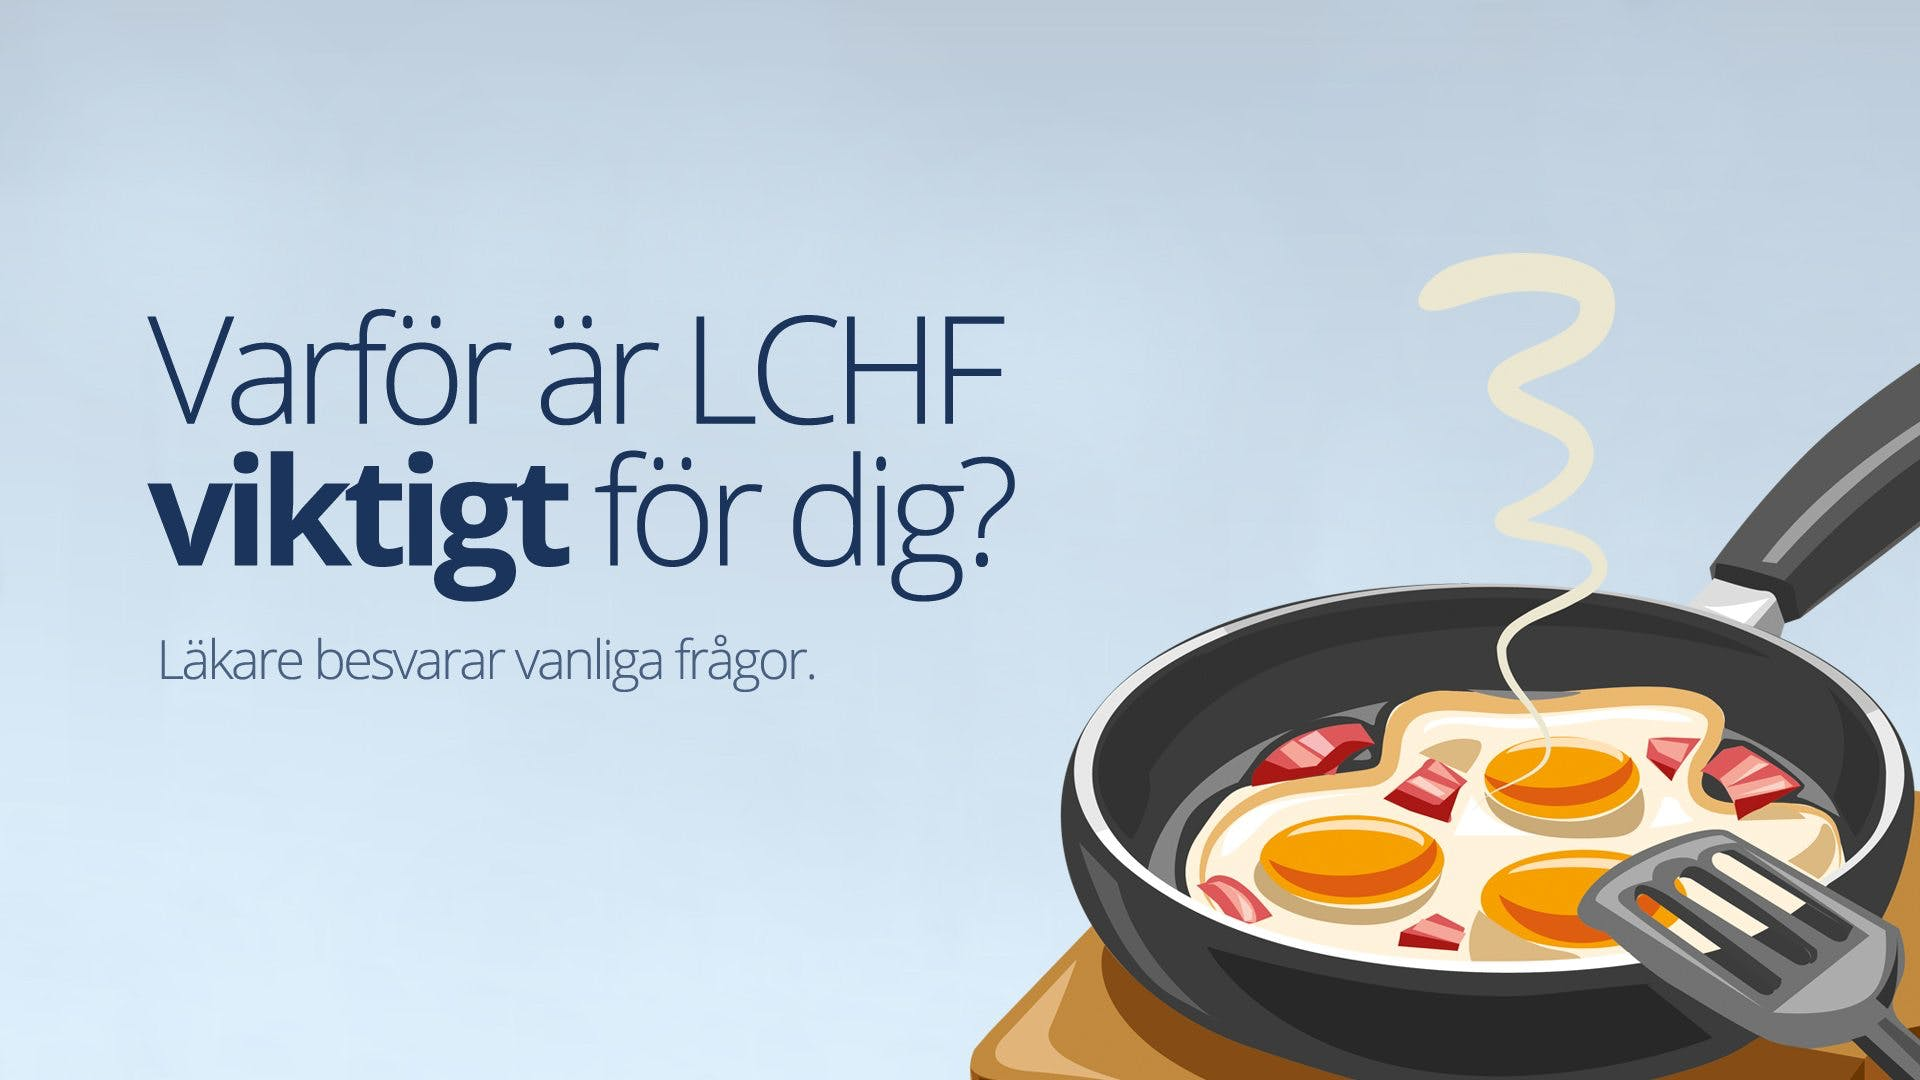 Varför är LCHF viktigt för dig? Svar på vanliga frågor